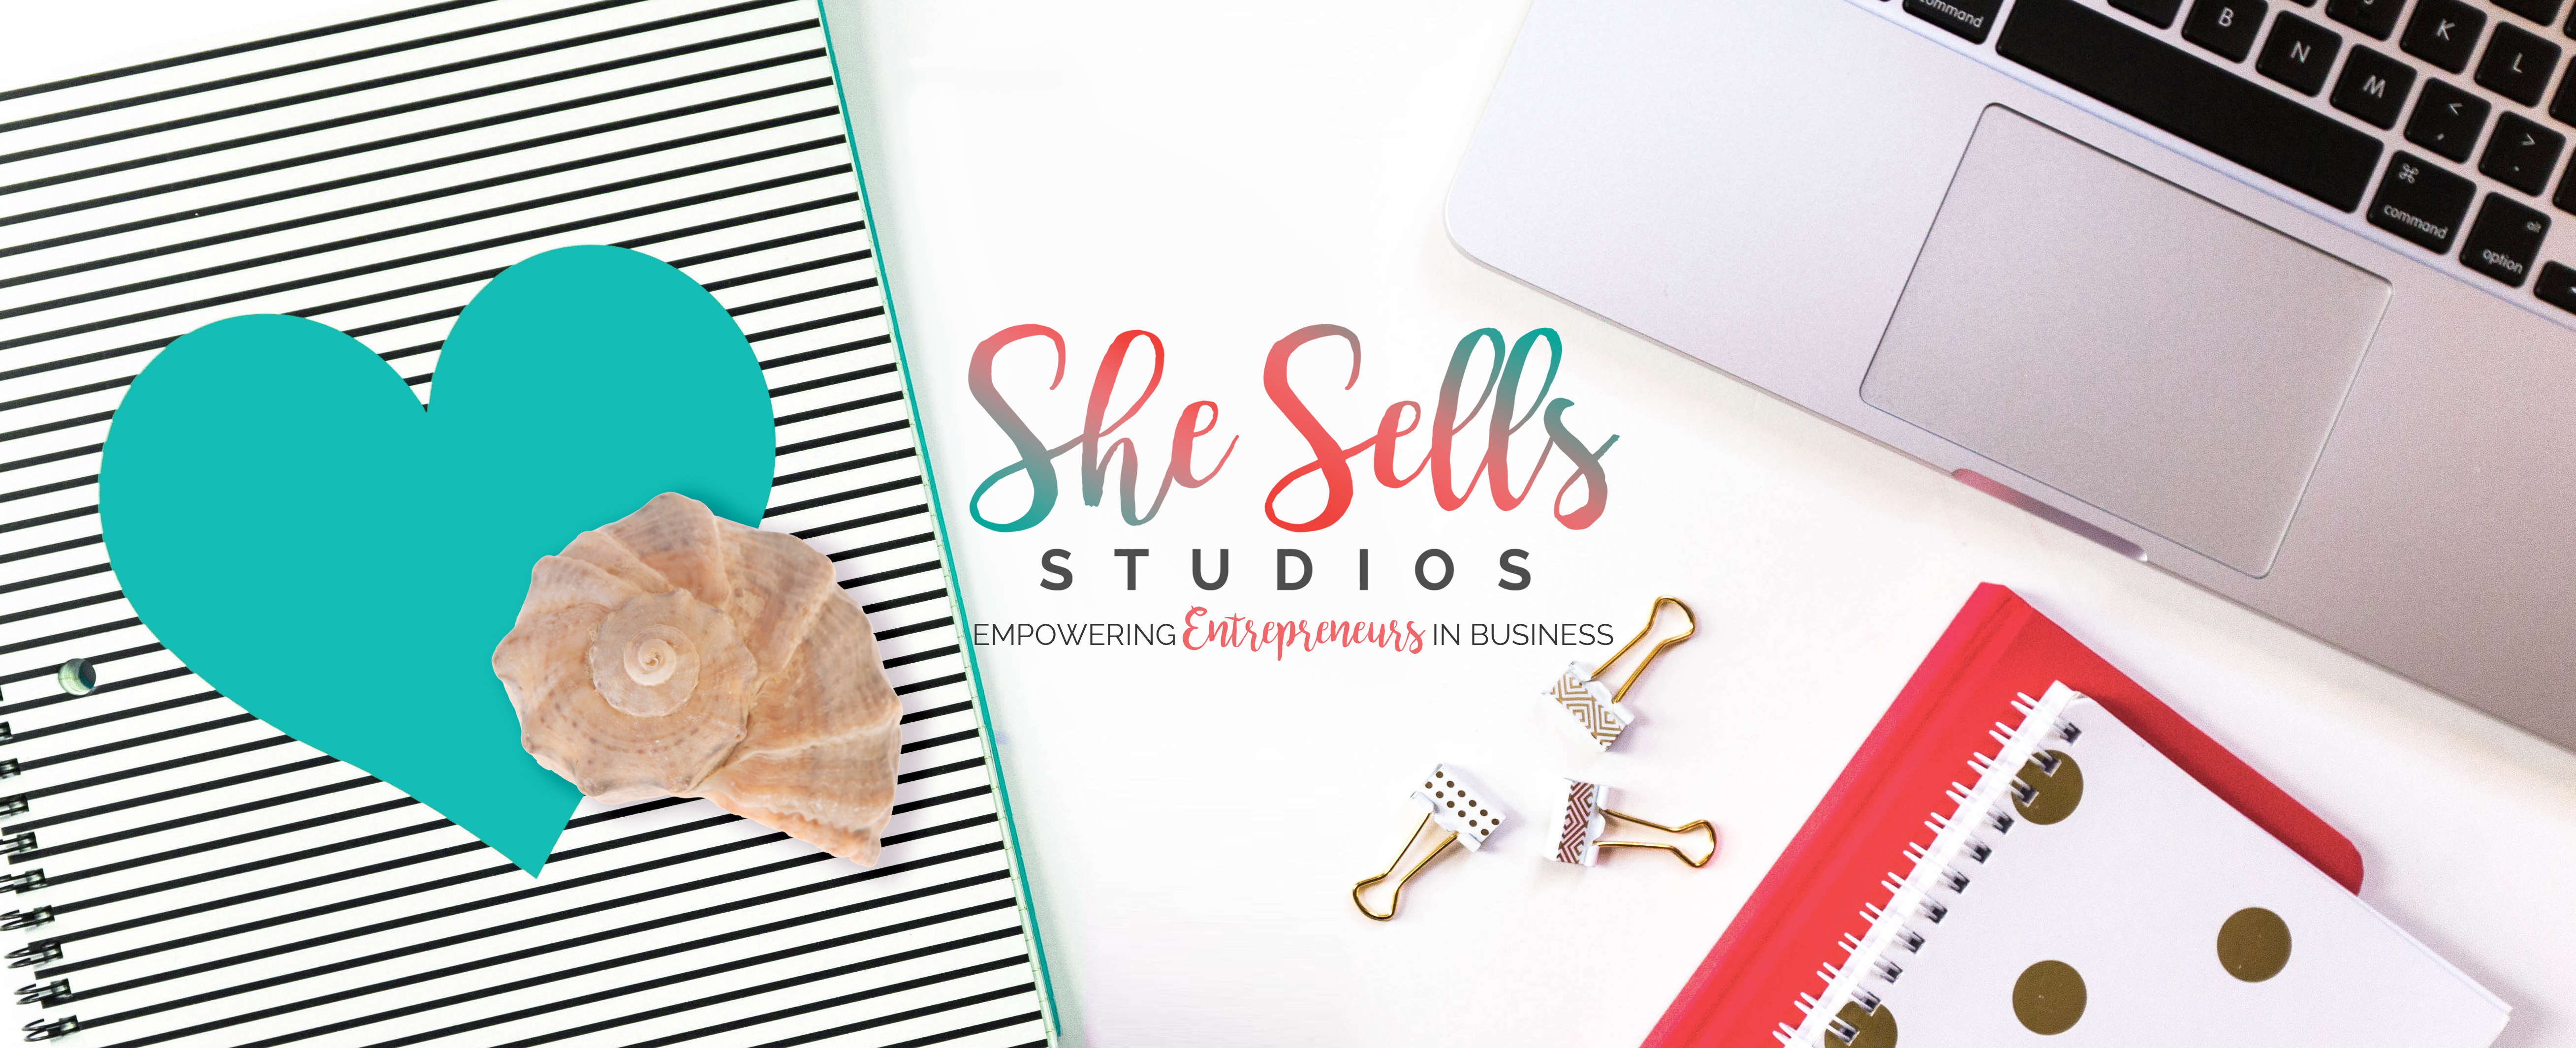 Contact She Sells Studios